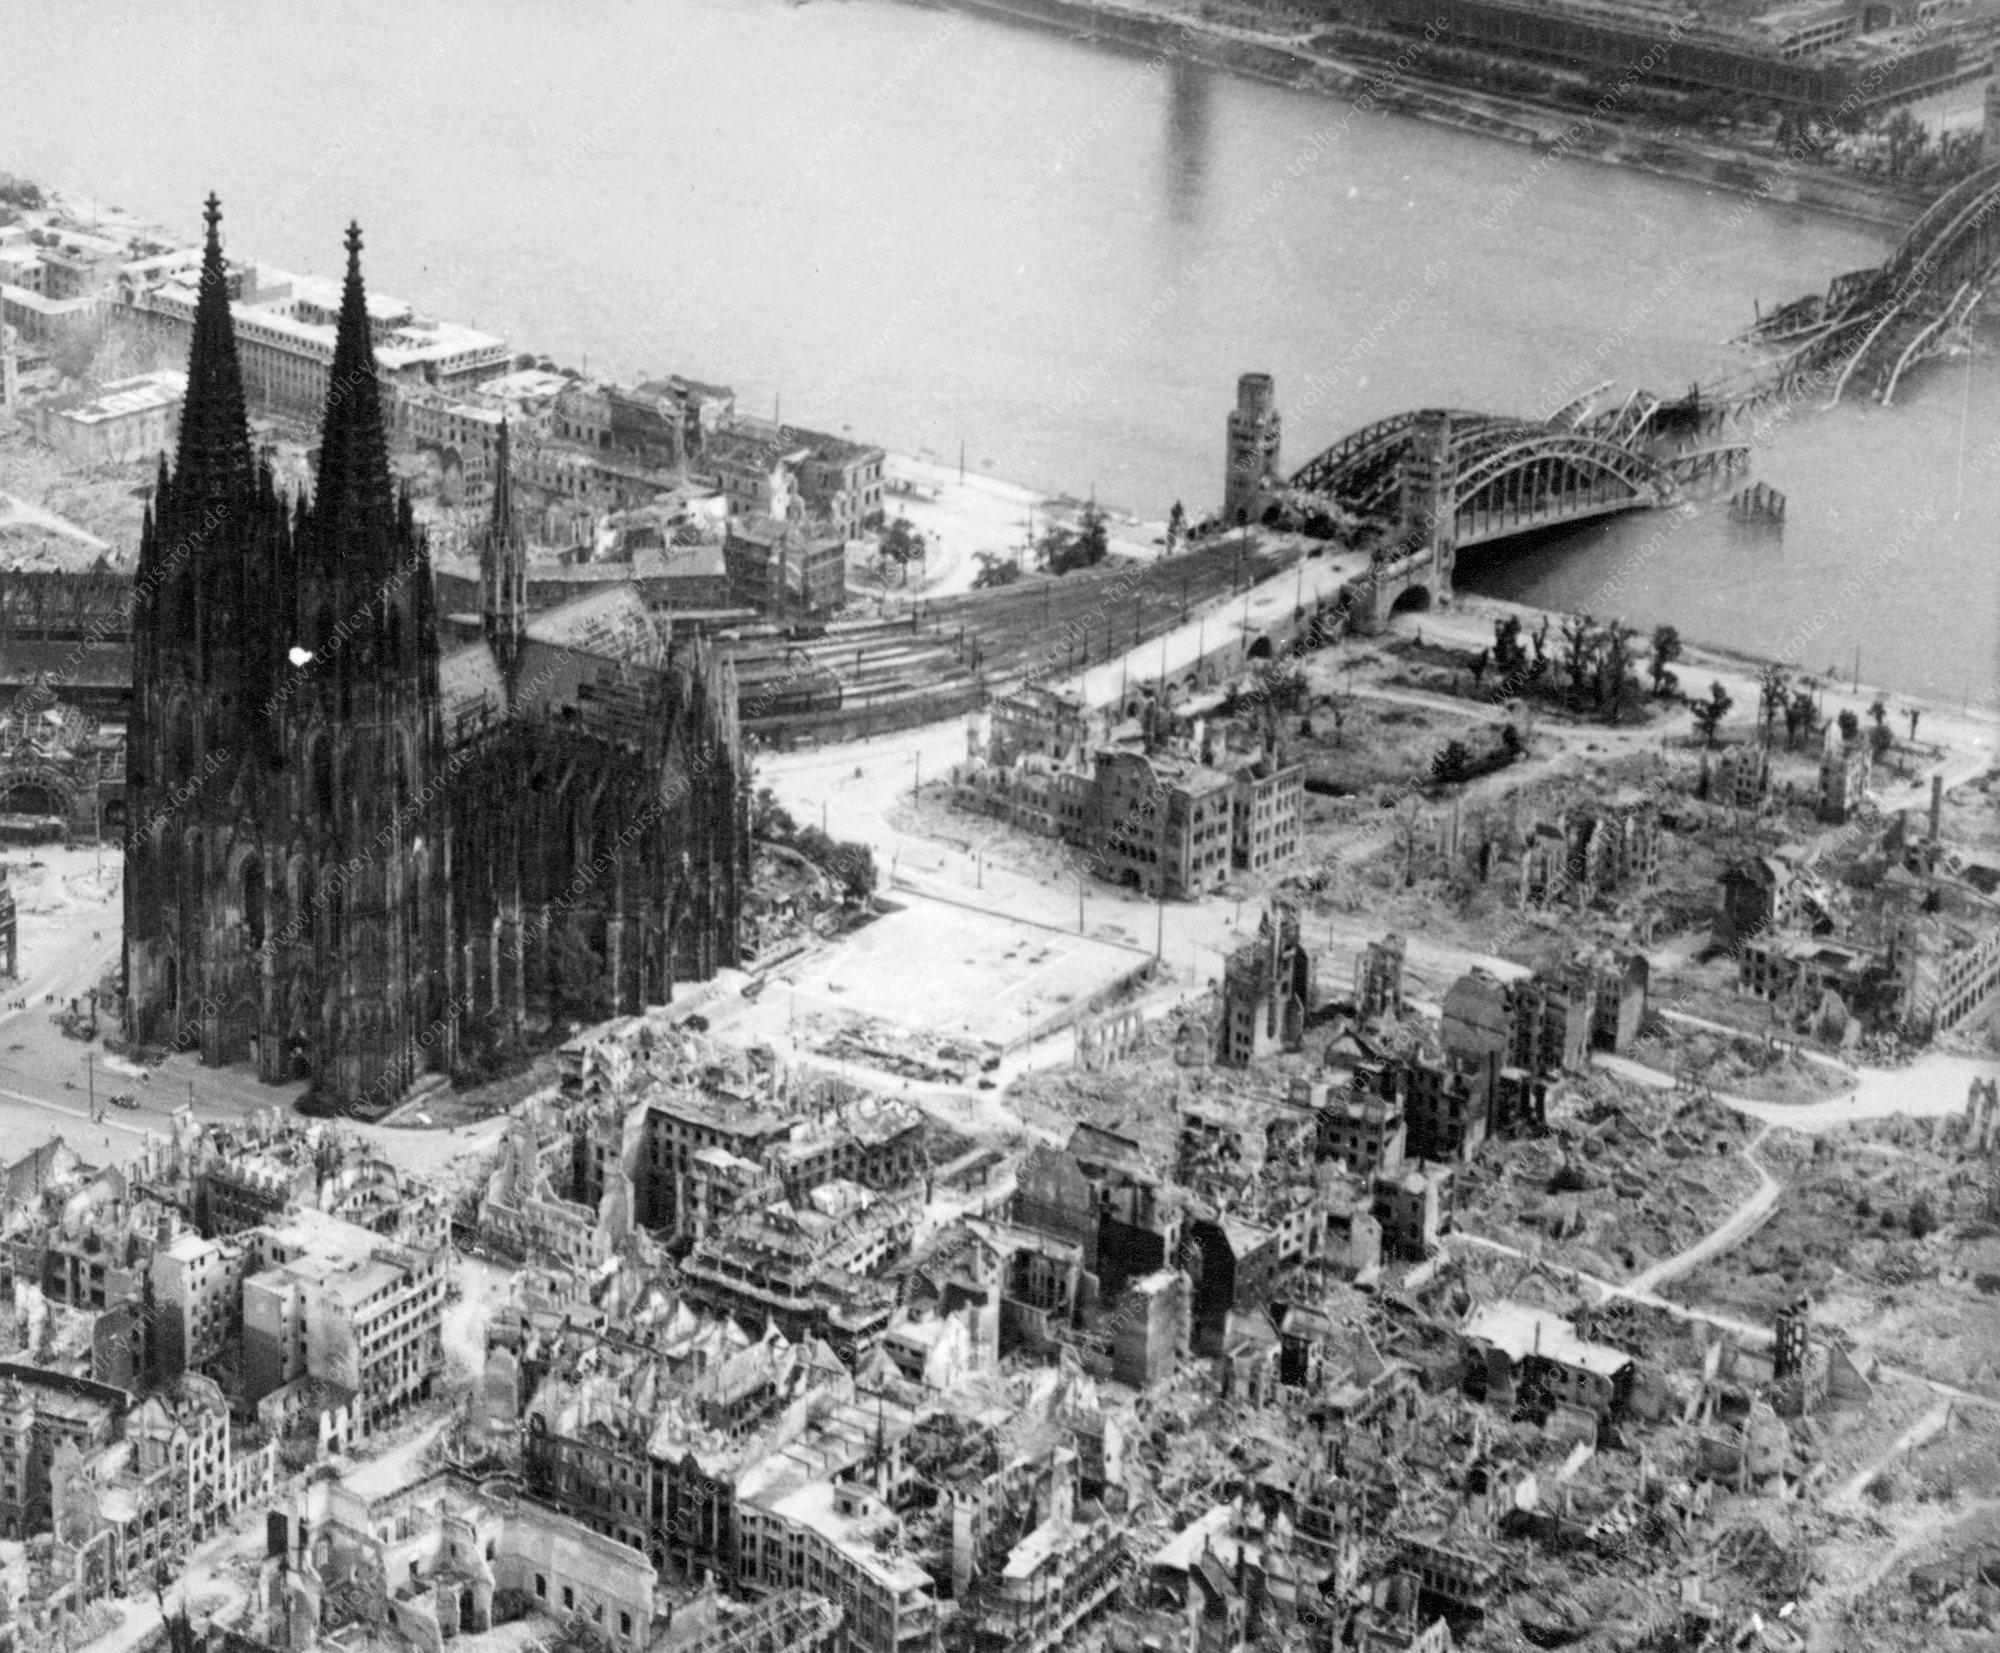 Kölner Dom - Hohe Domkirche Sankt Petrus - und Rheingarten im Mai 1945